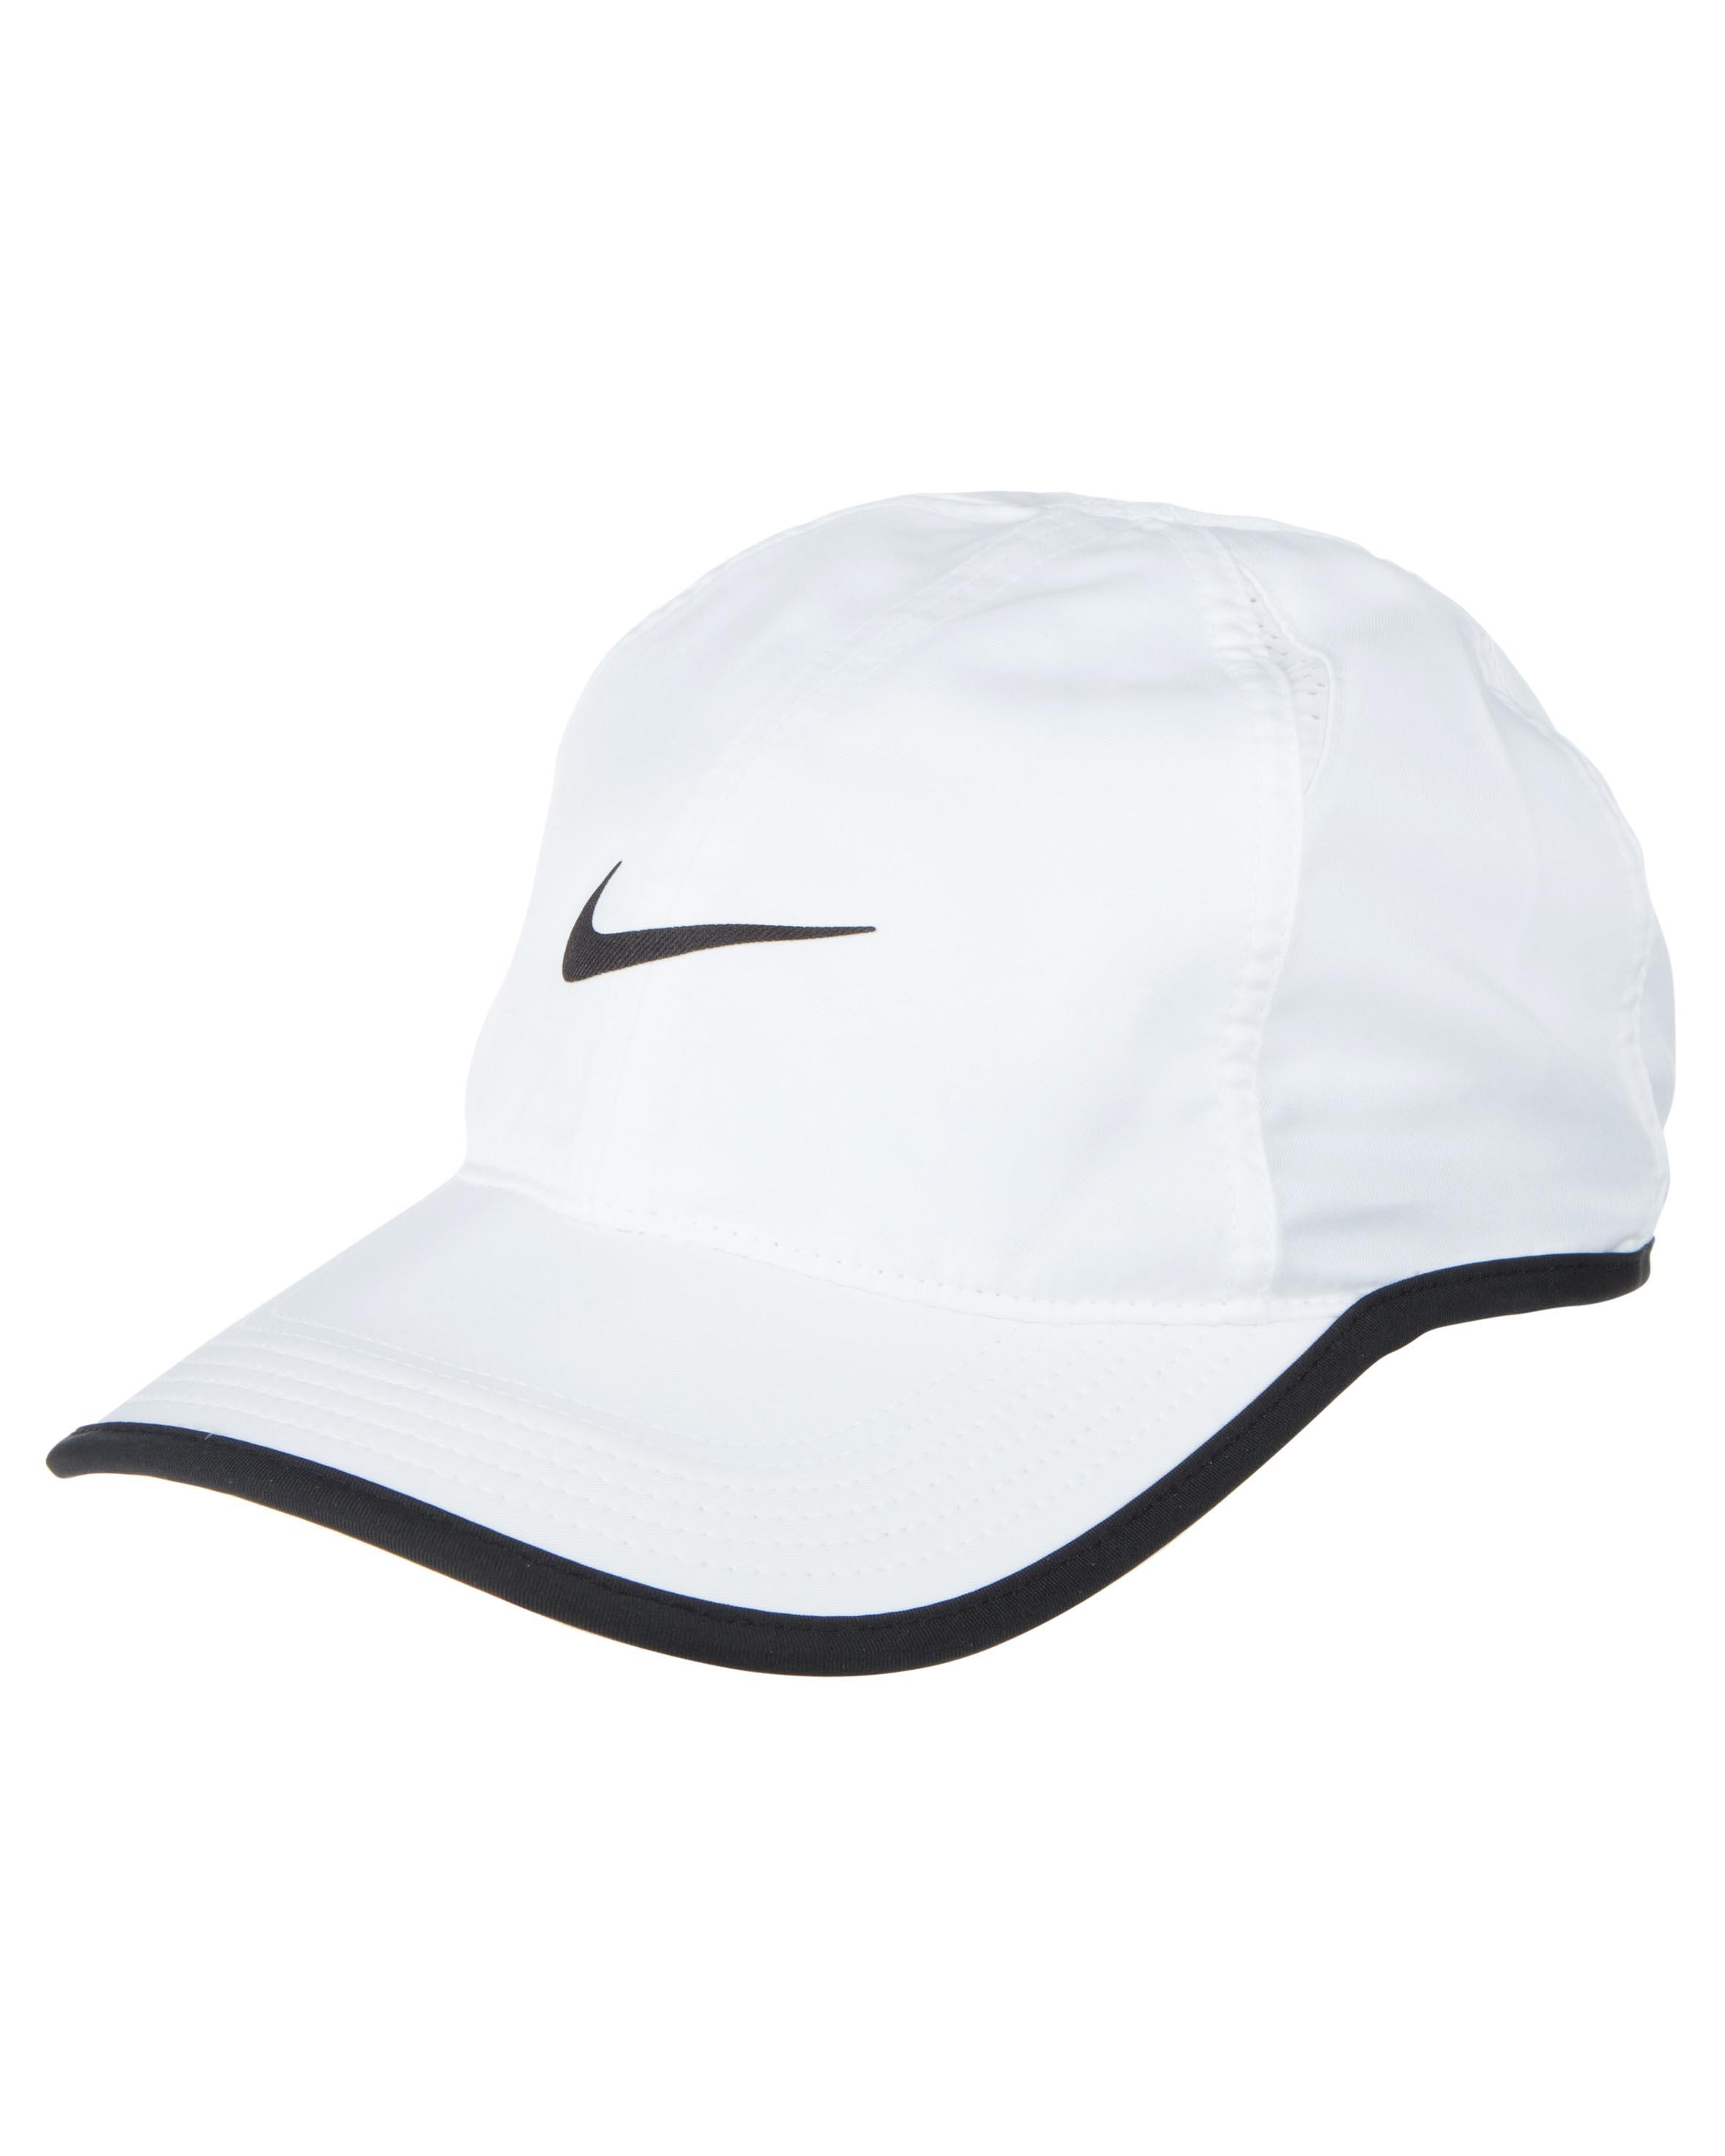 nike baseball hat designer - Santillana CompartirSantillana Compartir ec30a3a65ec